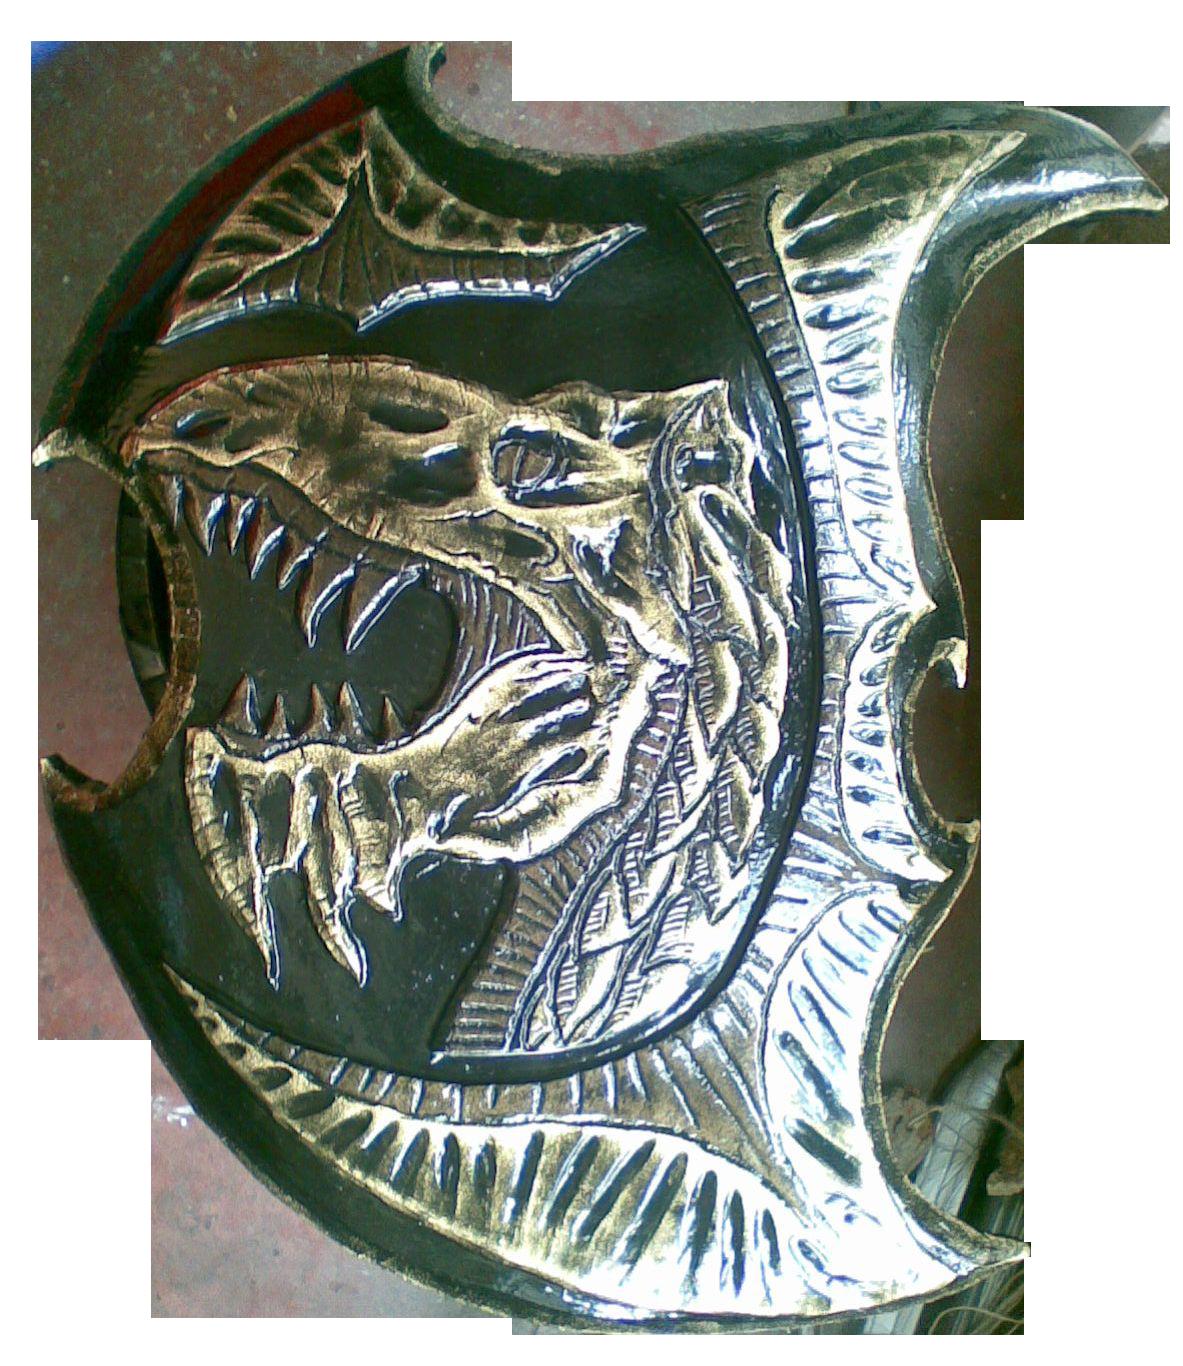 Fantaciarle sugli scudi Scudo-drago-2